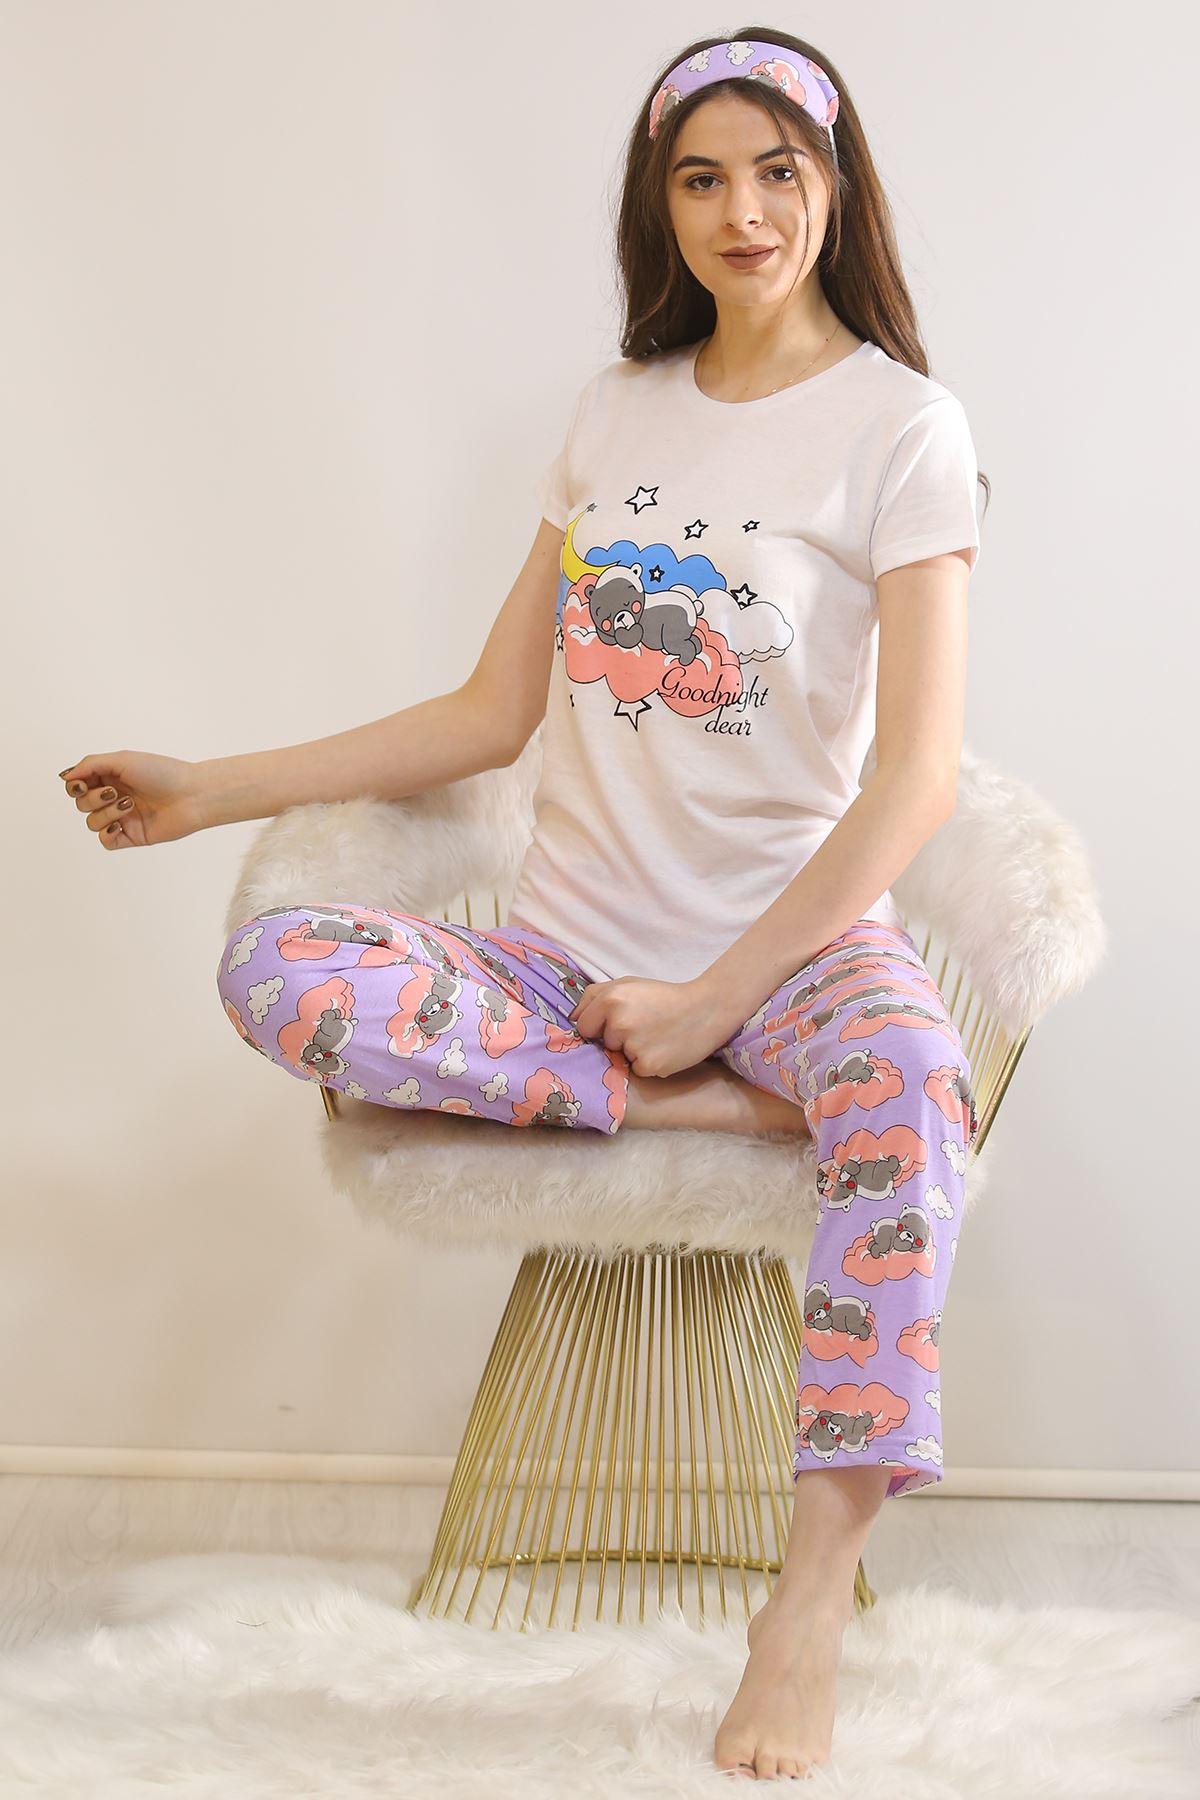 Baskılı Pijama Takımı Beyaz - 21442.1059.